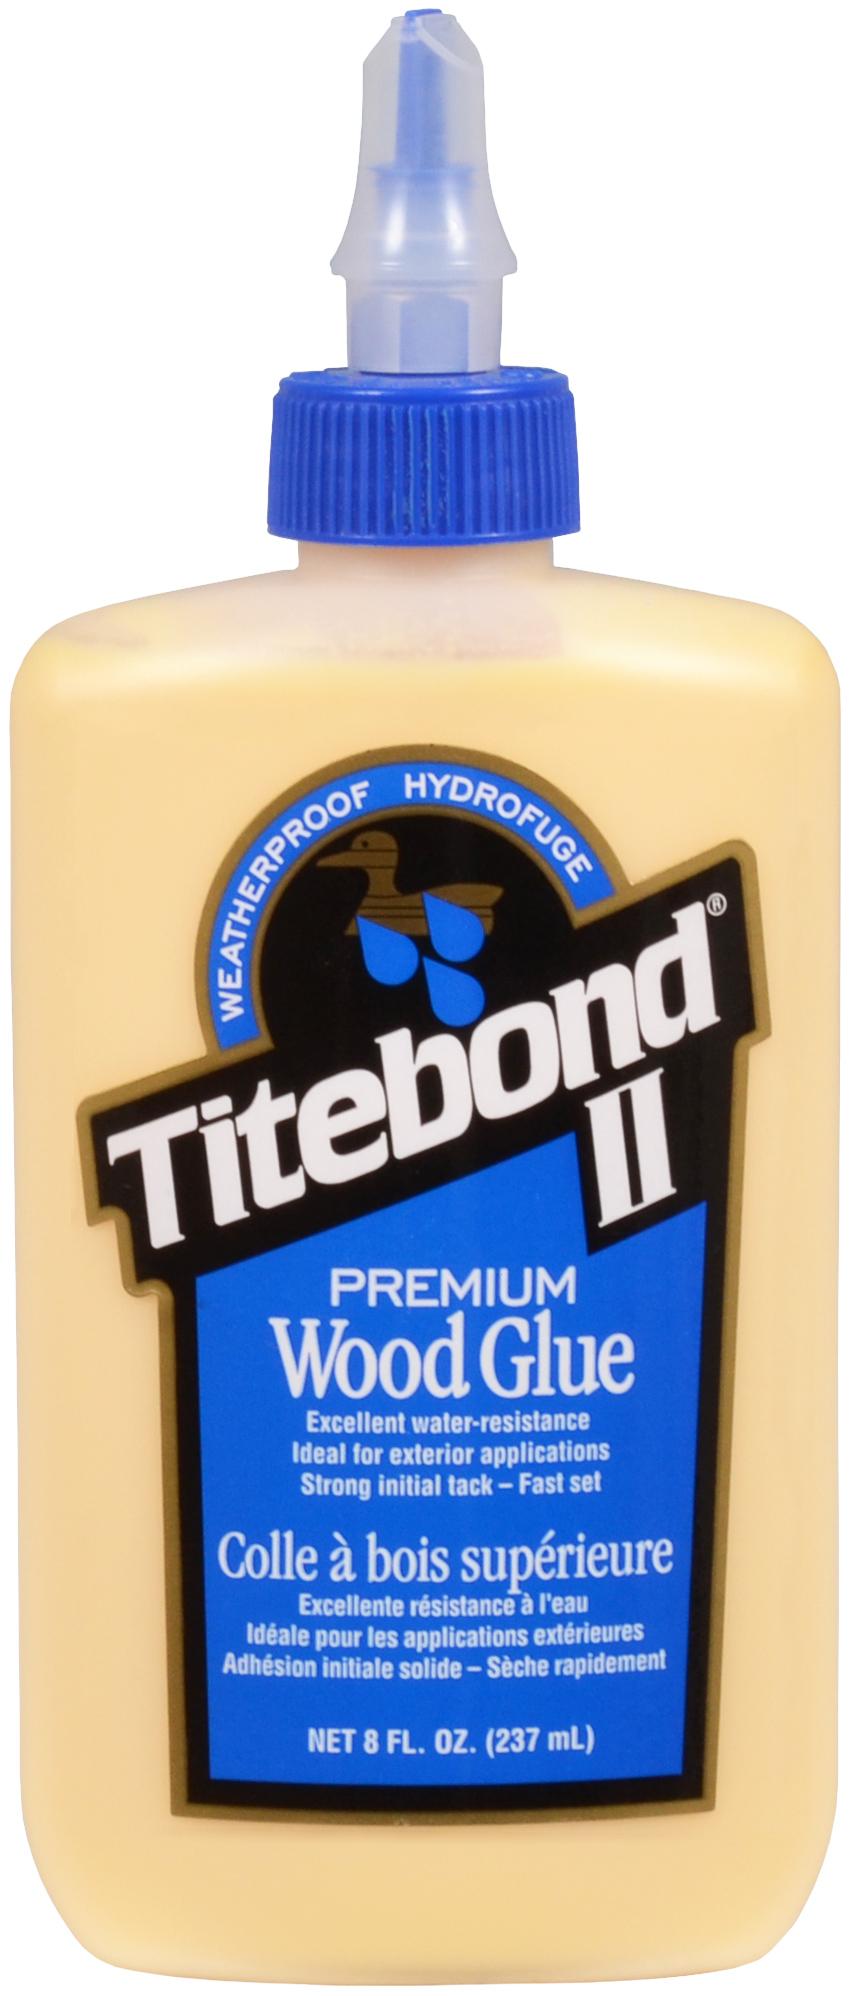 titebond ii premium wood glue titebond